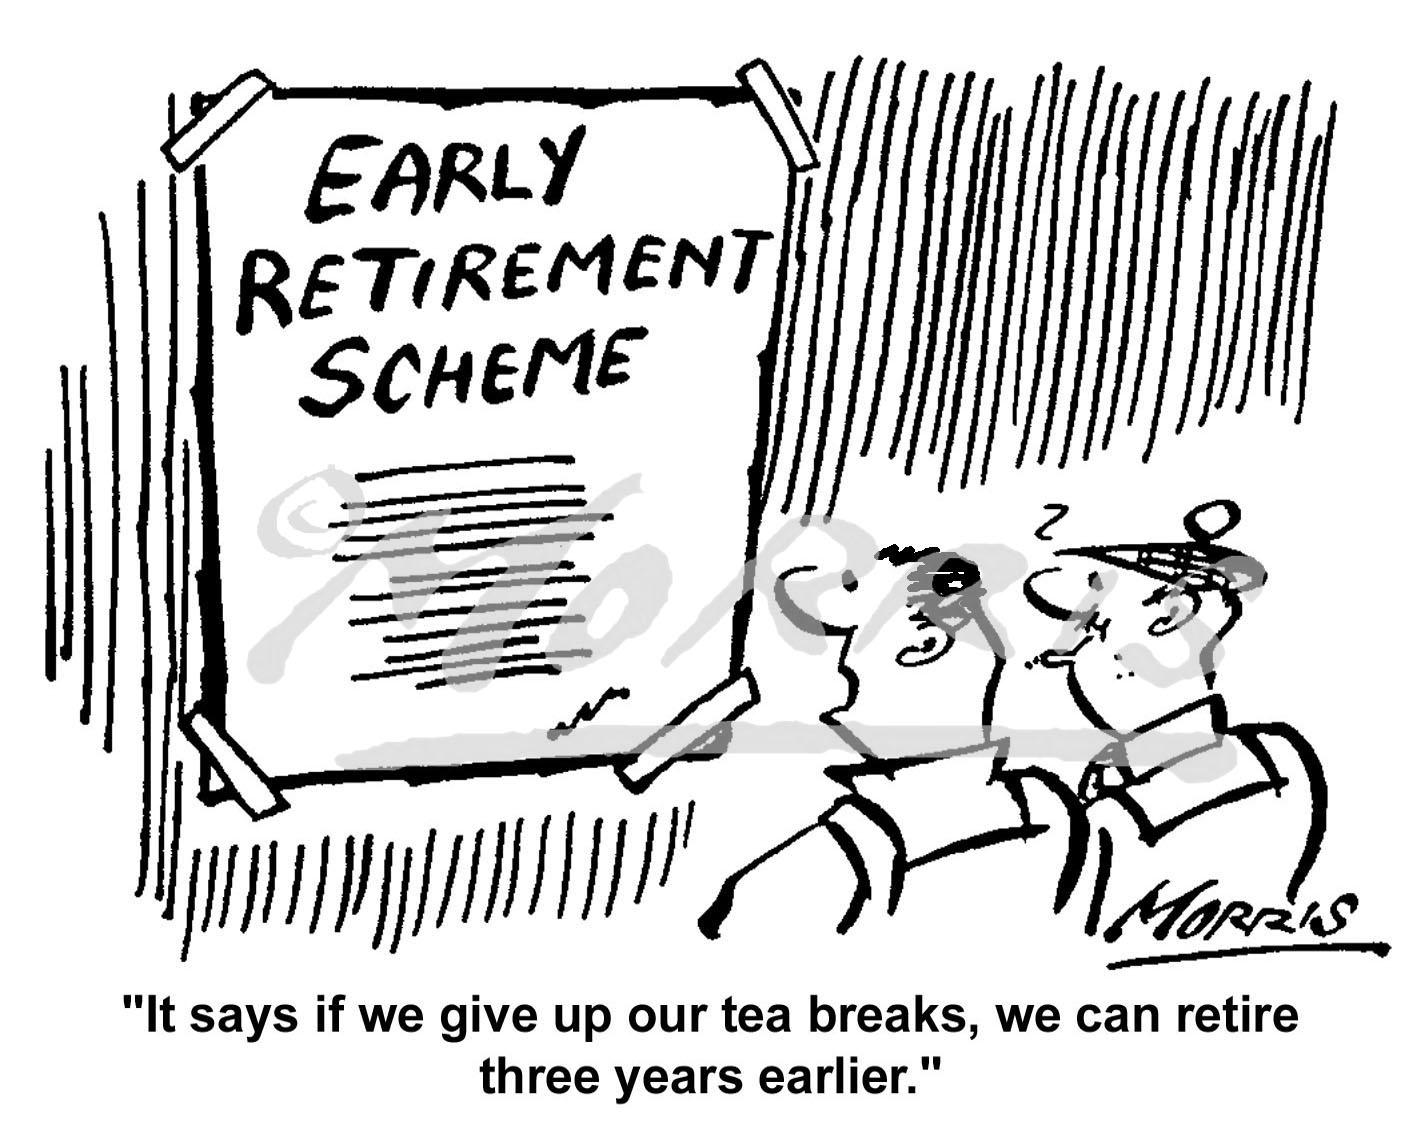 Workforce retirement plan cartoon Ref: 0385bw